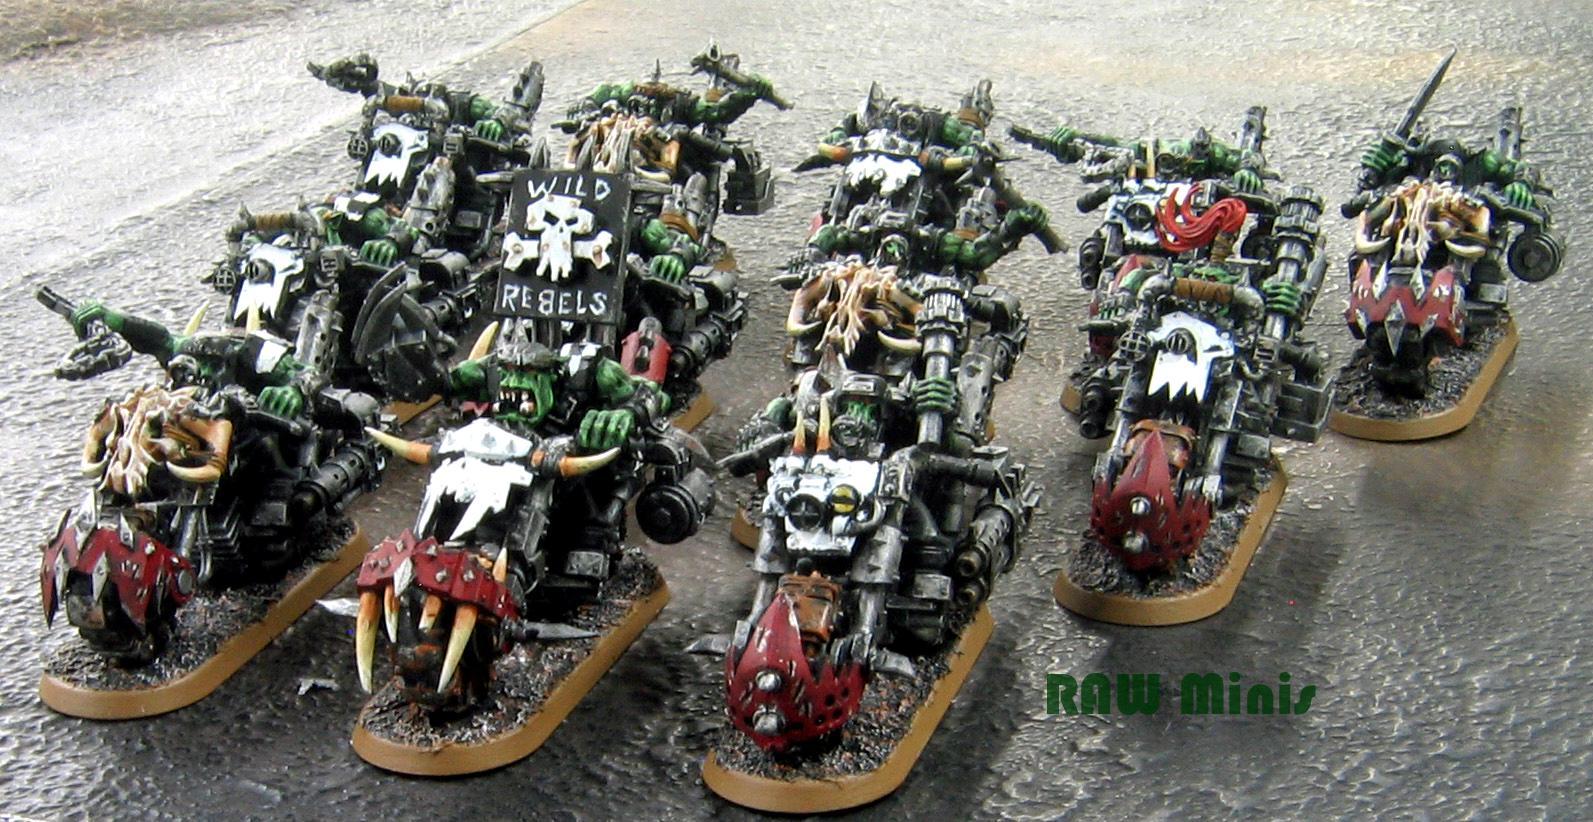 Bike, Orks, Painting, Warbikers, Warhammer 40,000